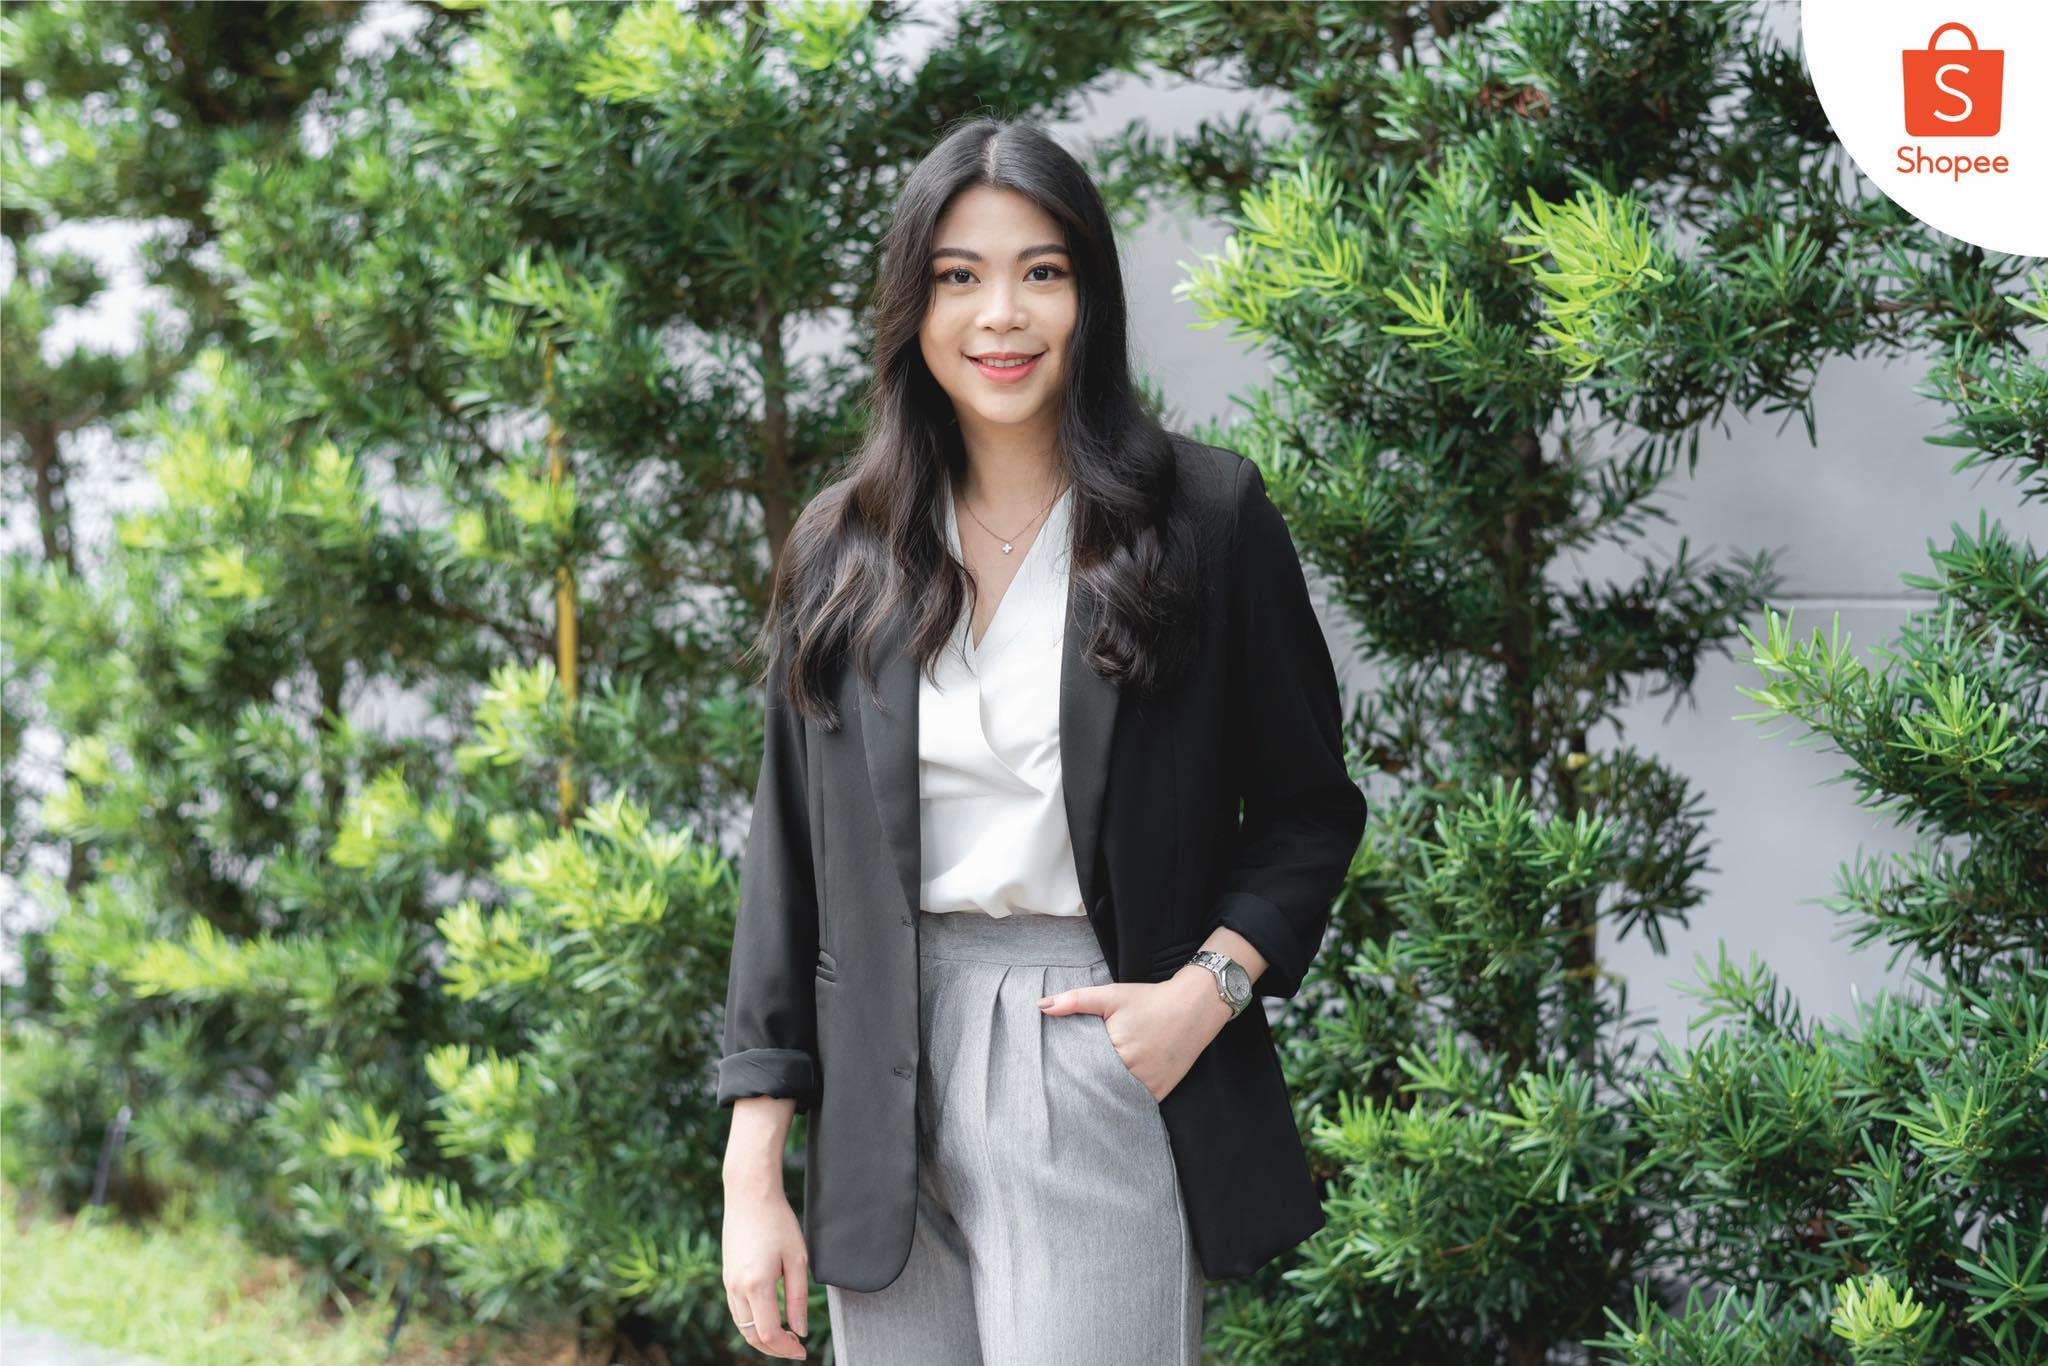 คุณสุชญา ปาลีวงศ์ ผู้จัดการอาวุโสฝ่ายการตลาด ช้อปปี้ ประเทศไทย